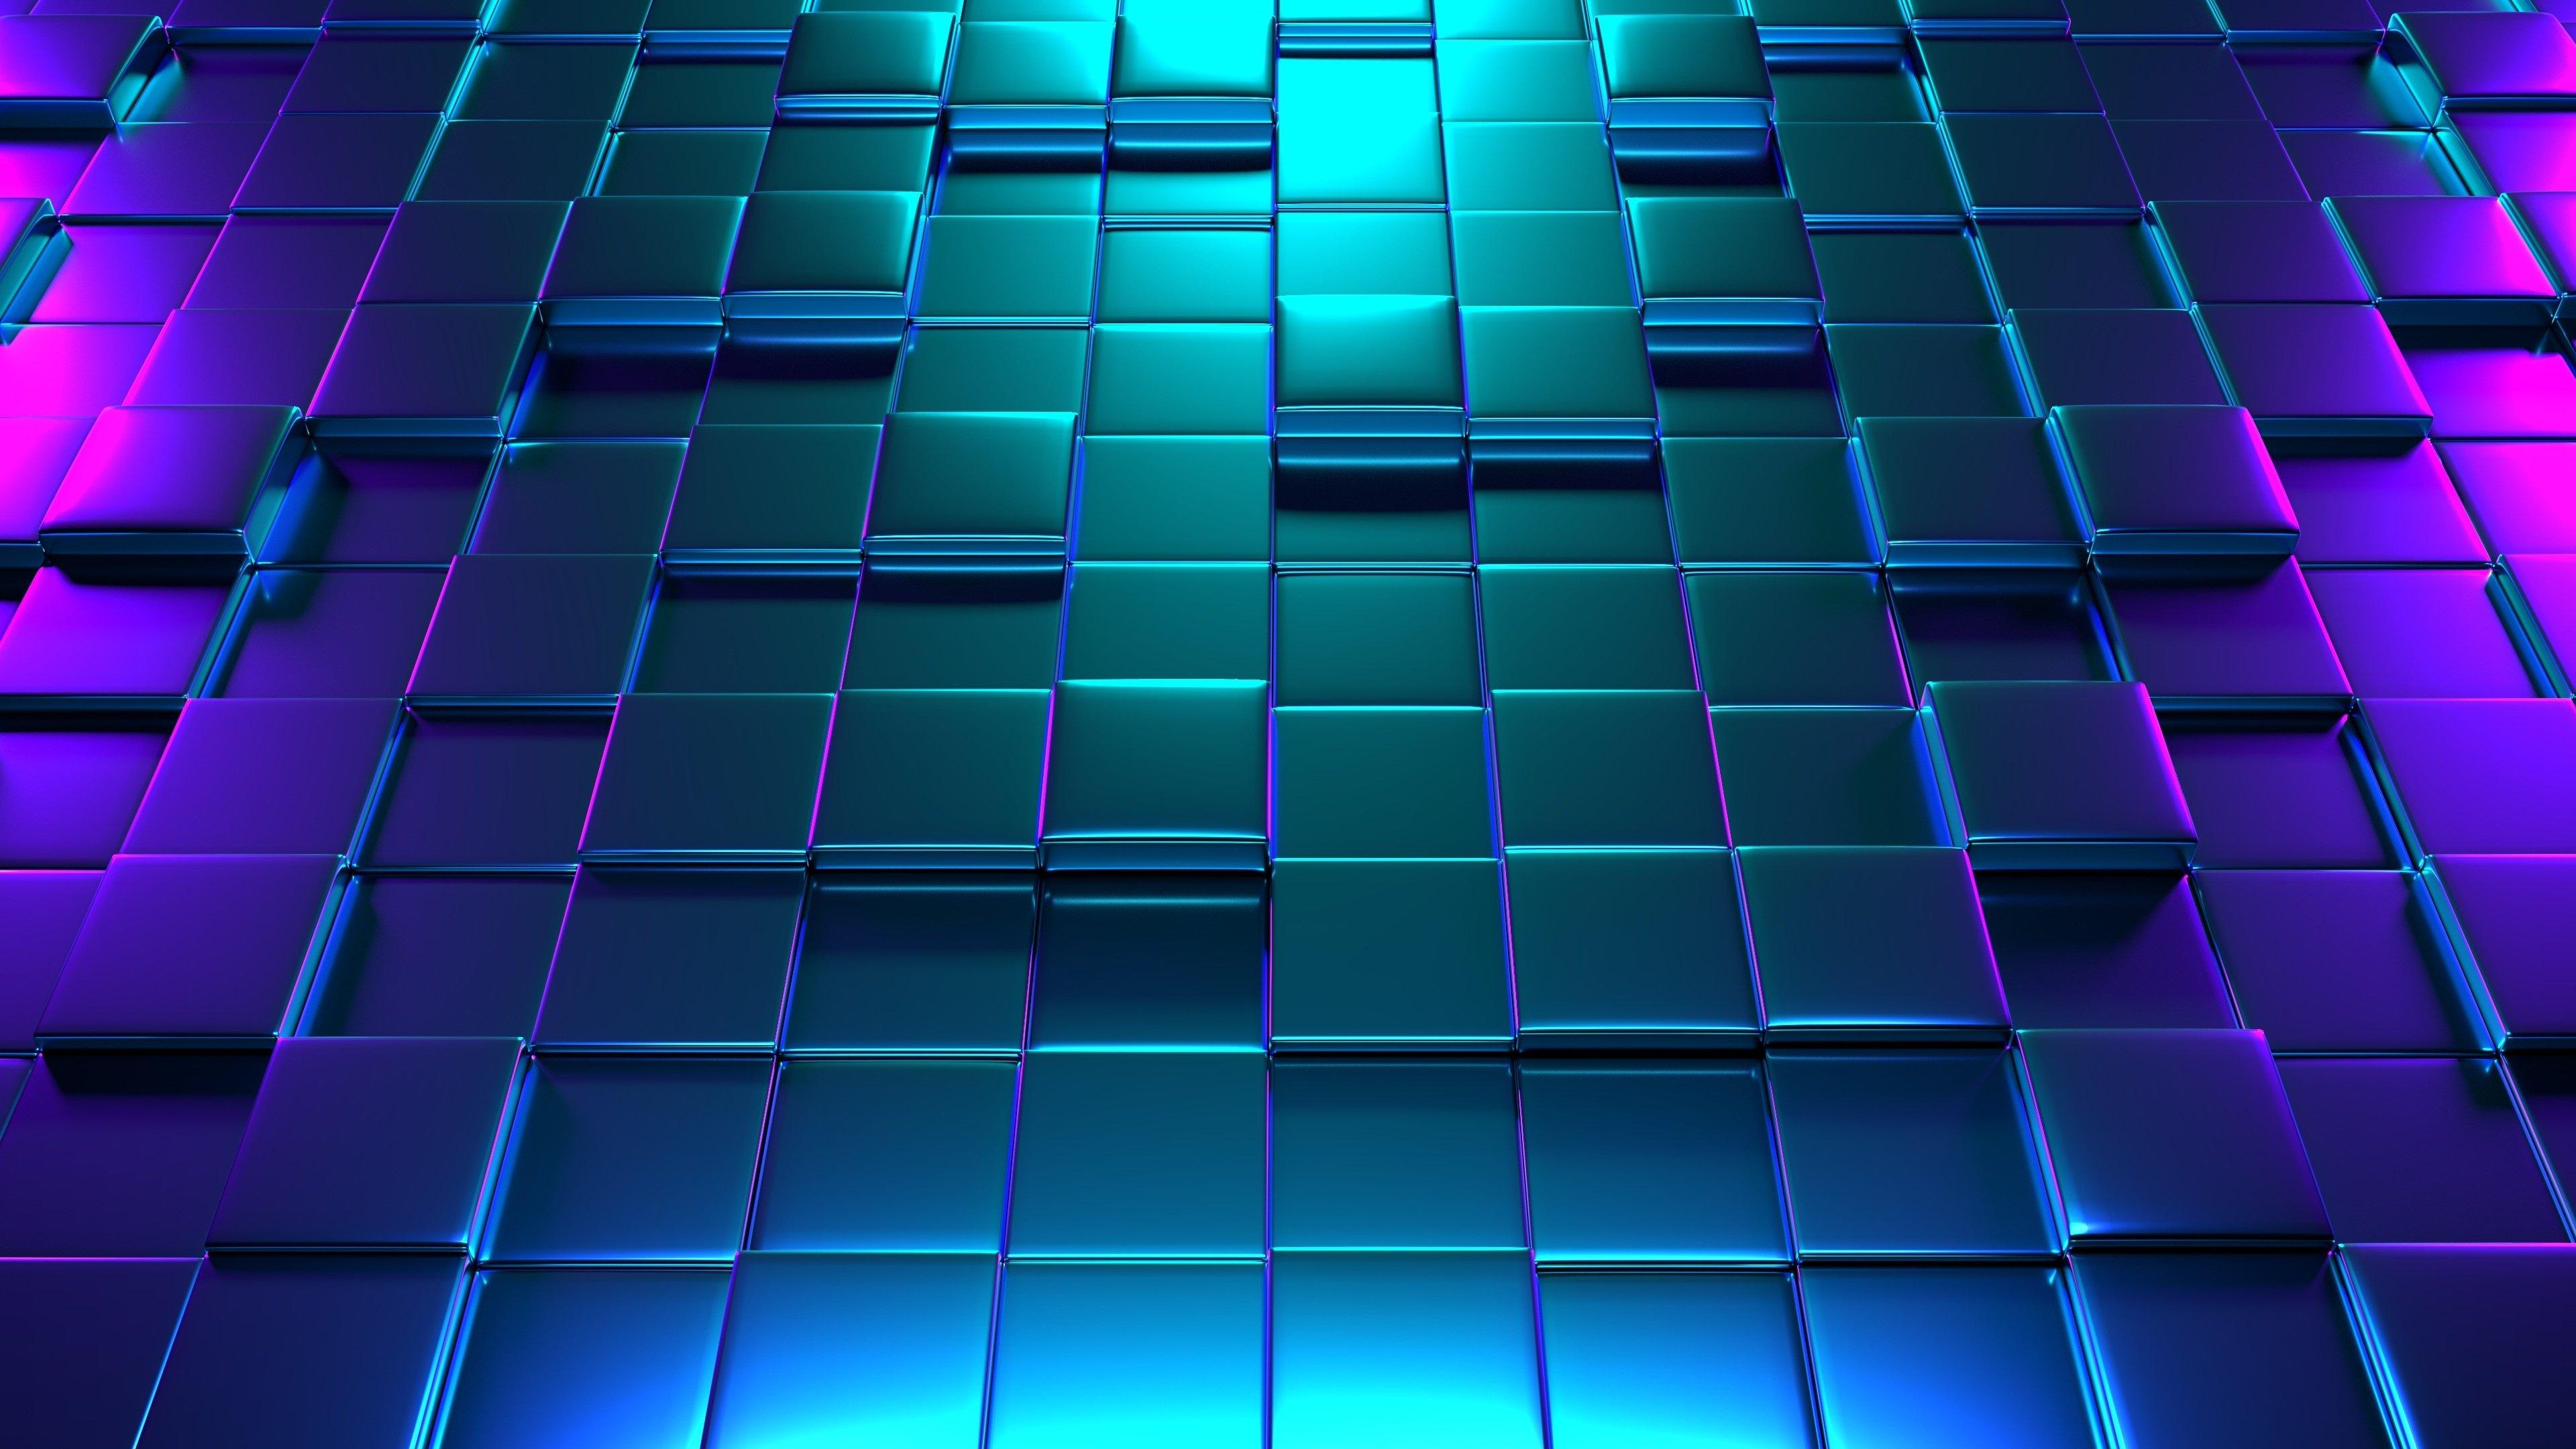 Wallpaper 3D cubes pattern neon lighting